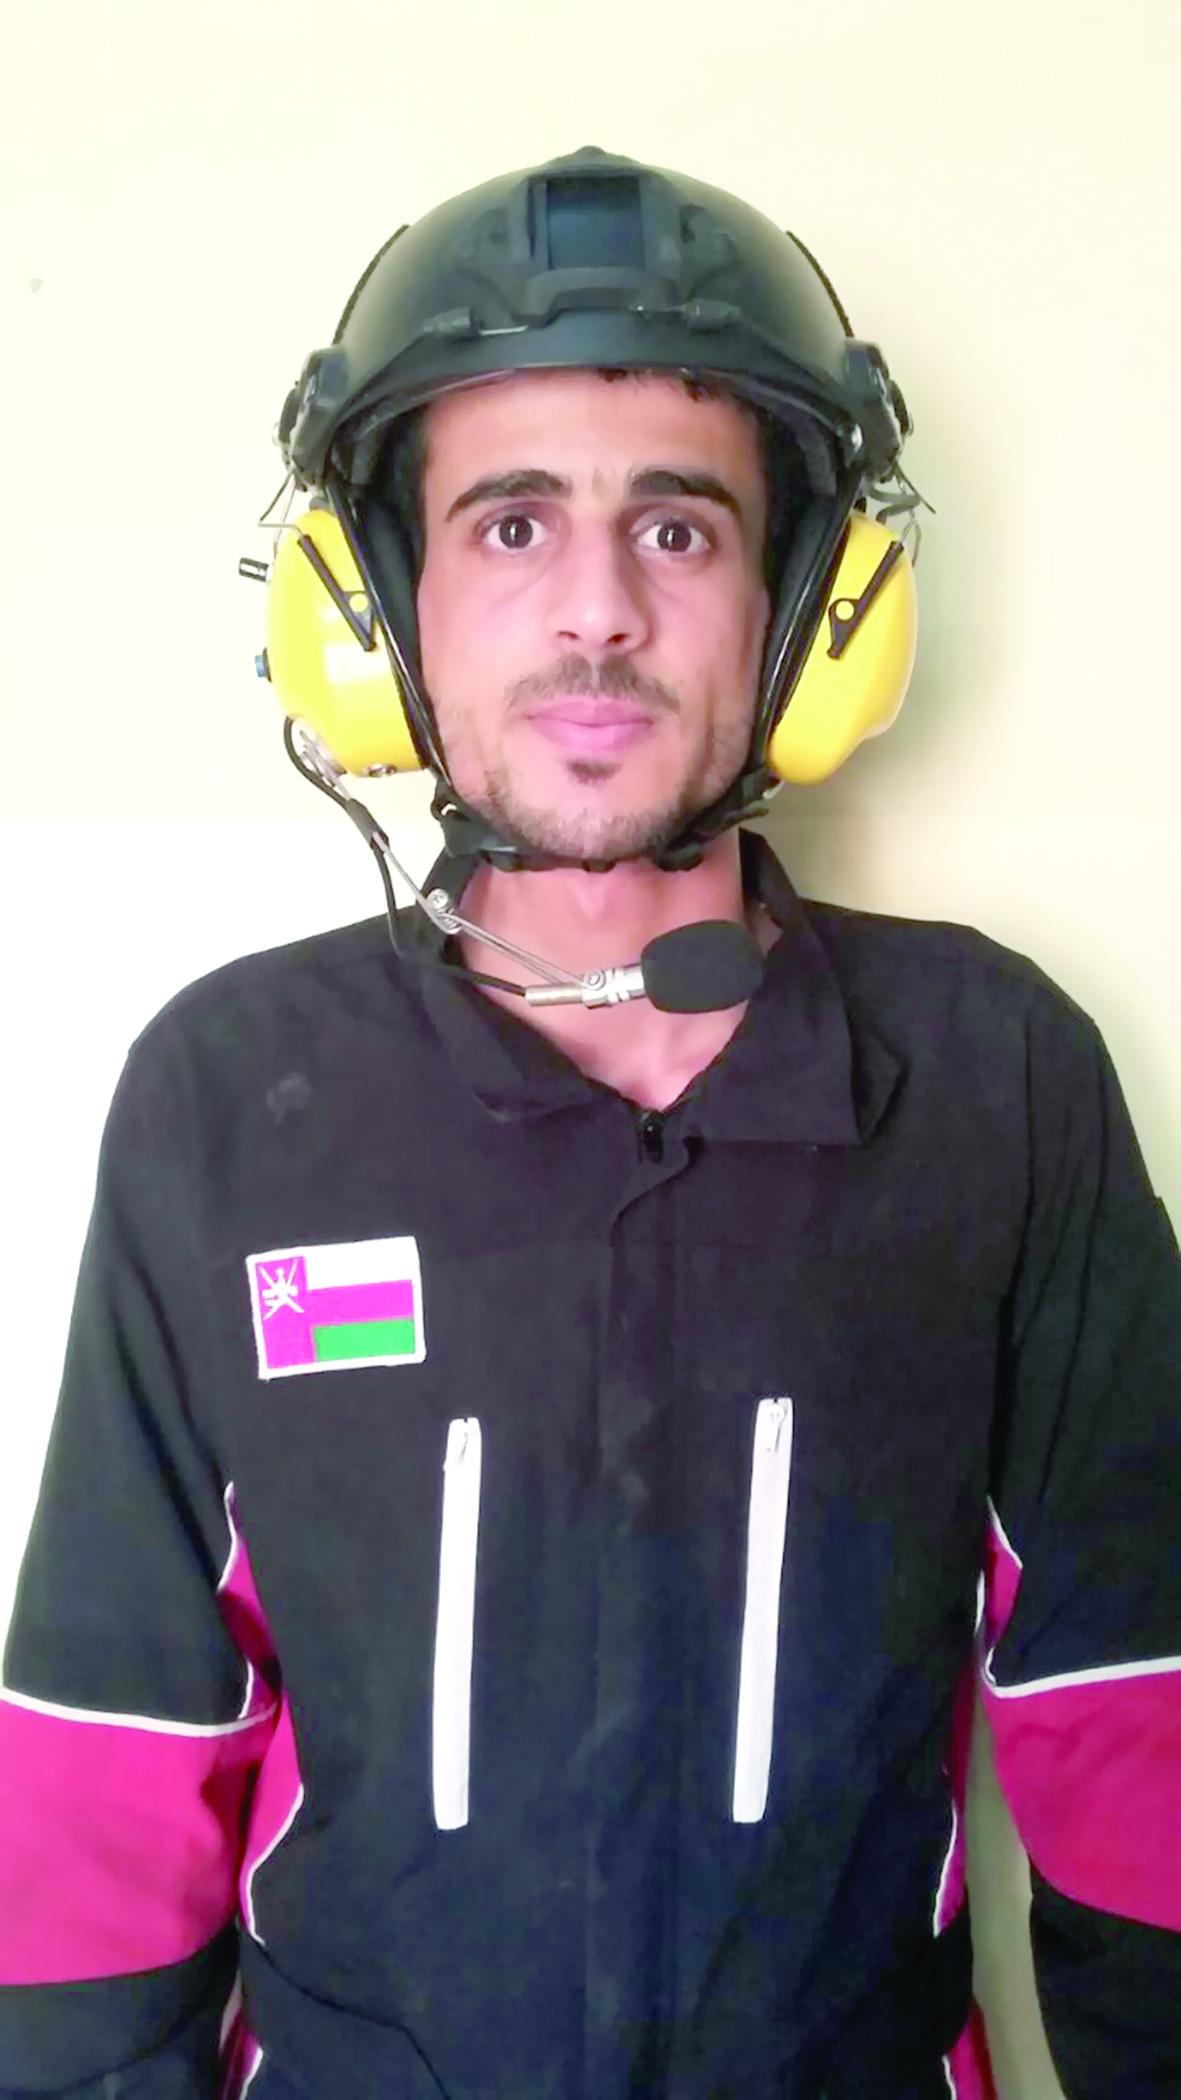 فريق الطيران الشراعي العماني يستعرض مهارات الطيران الشراعي بالمصنعة